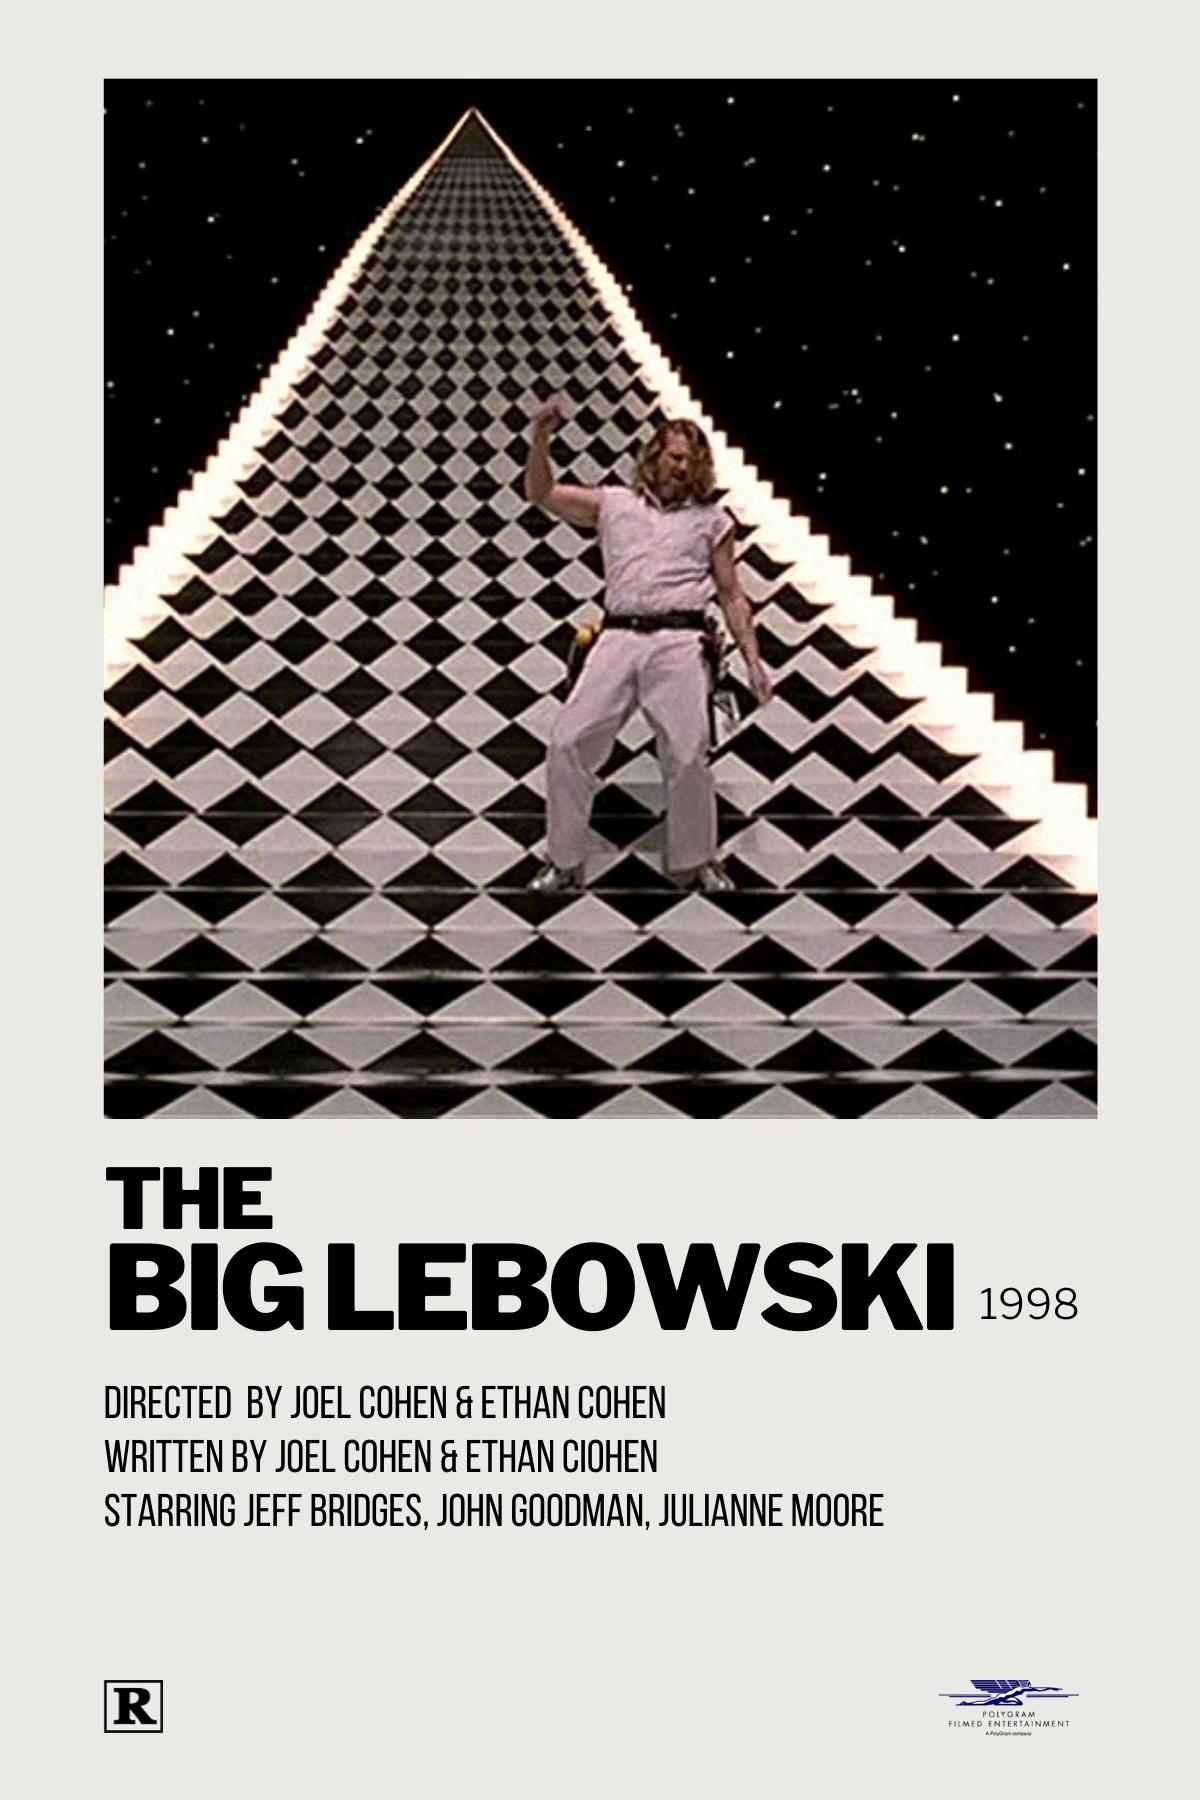 the big lebowski polaroid movie poster